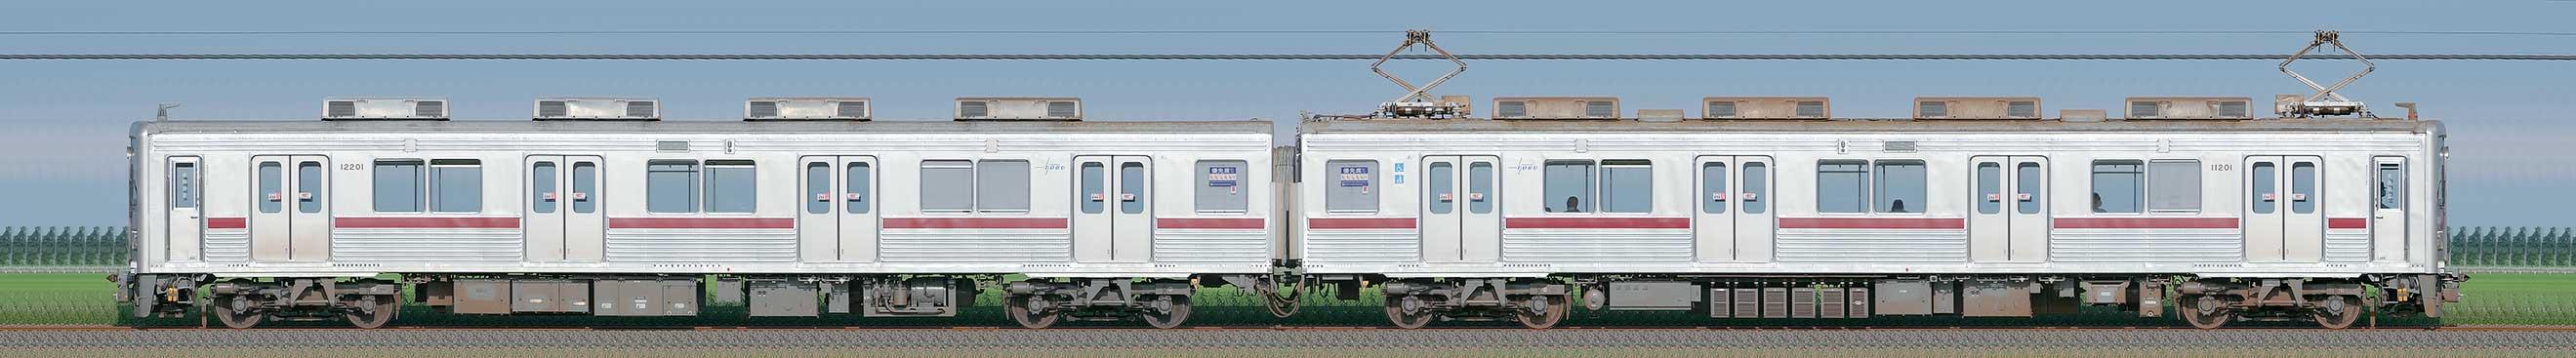 東武10000型11201編成(山側)の編成サイドビュー